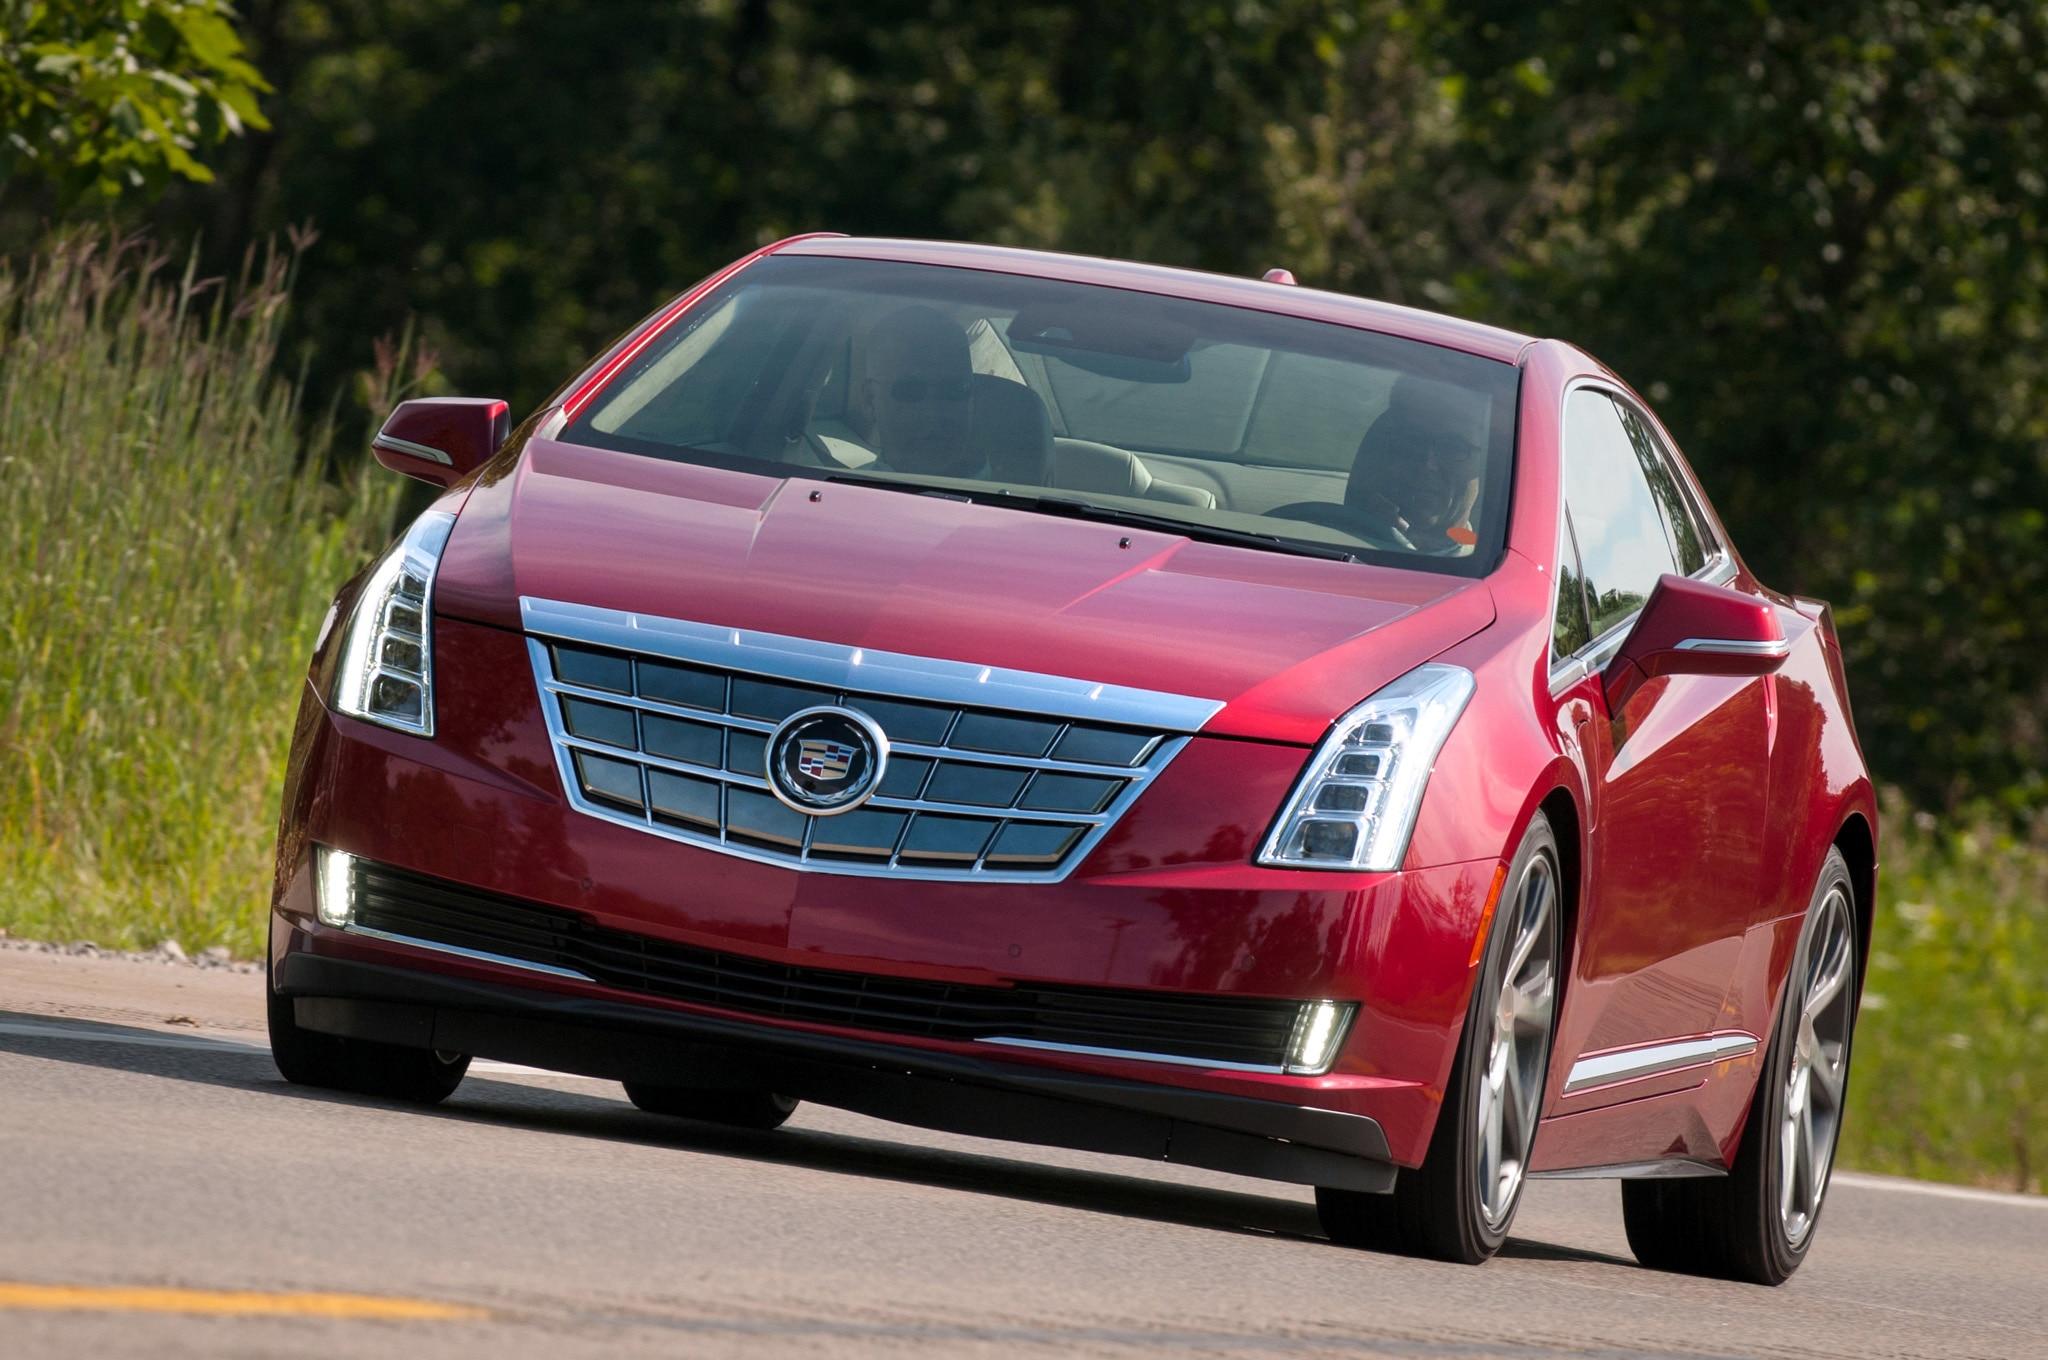 2014 Cadillac ELR Priced At $75,995